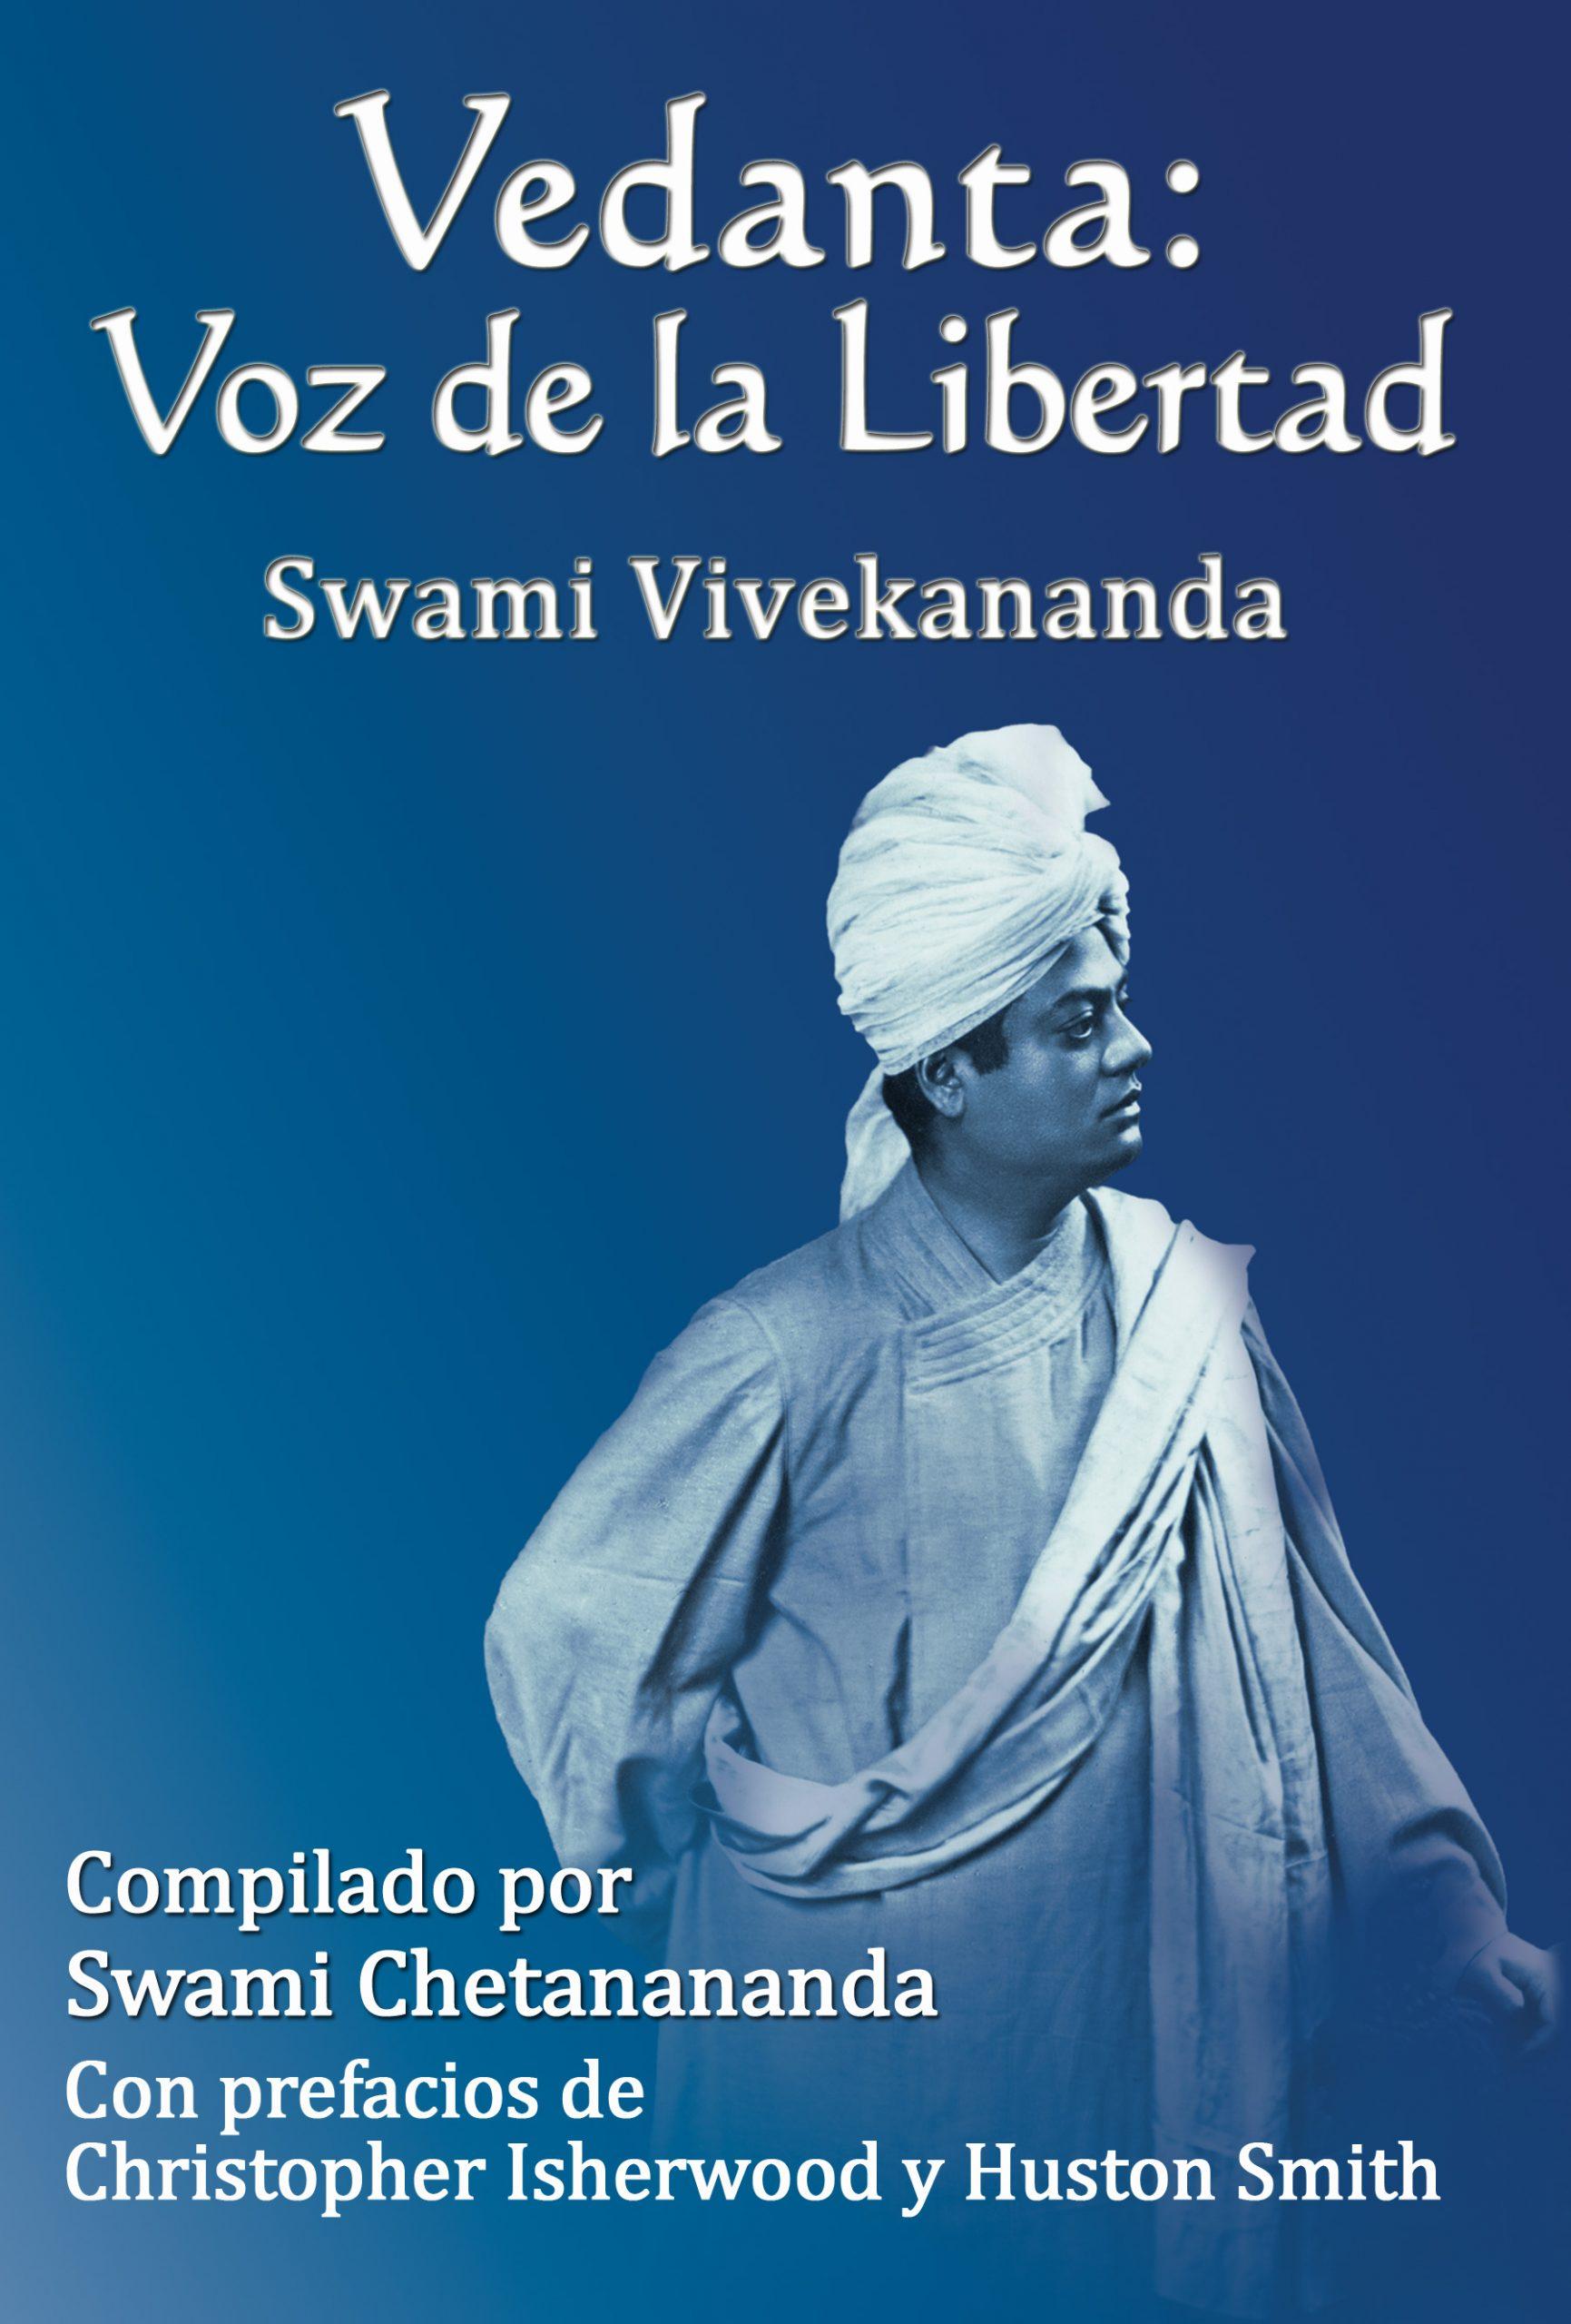 COVER Vedanta Voz Final scaled